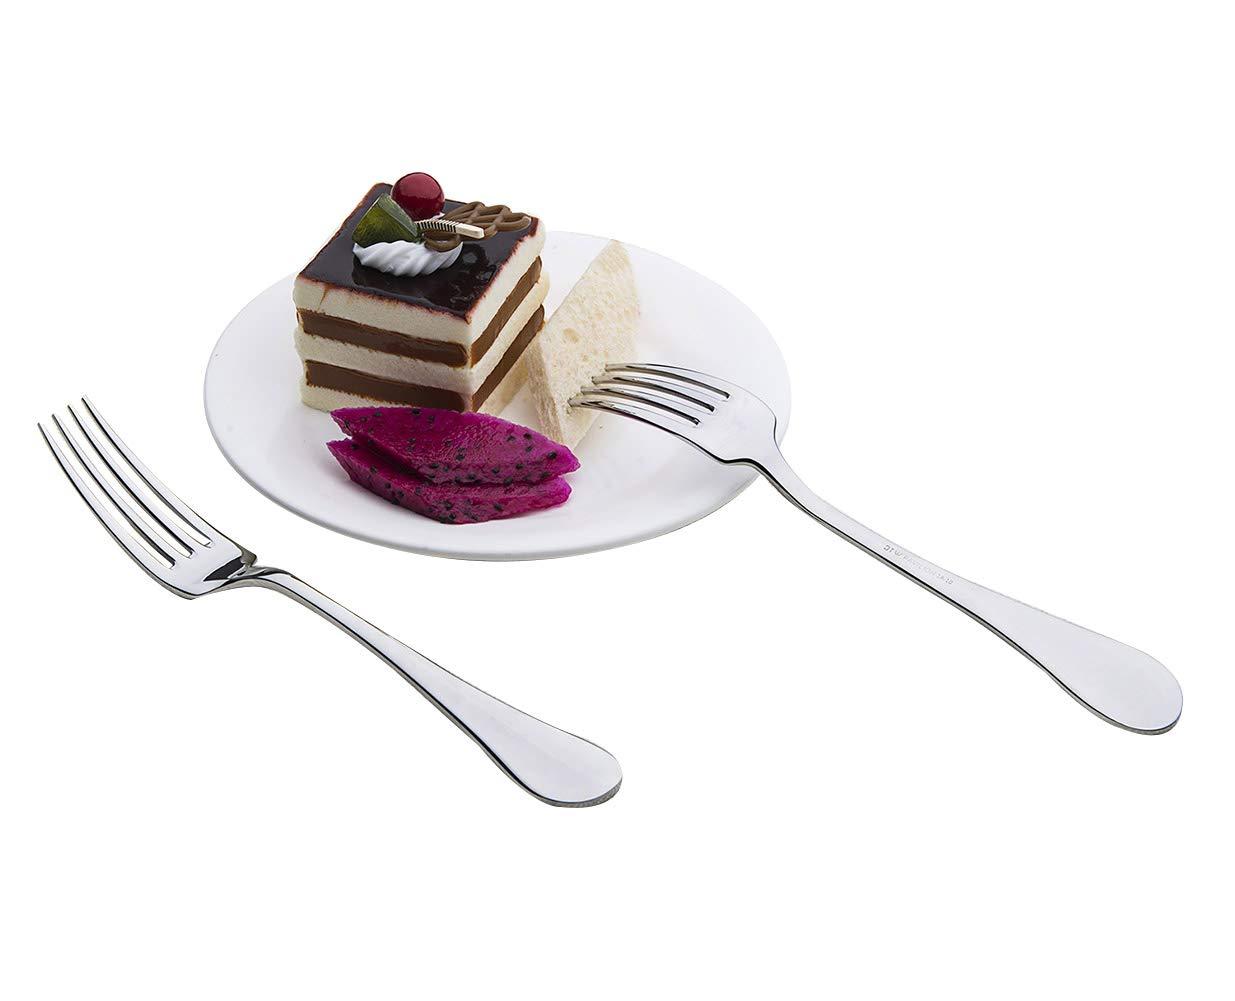 OTW PAVILION 18/10 Stainless Steel 12-Piece Dessert Forks Salad Forks Set for Salad Fruit Cake 7-Inch Mirror Polished Silver Dessert Appetizer Forks Set for Home Party Restaurant Birthday Daily Use